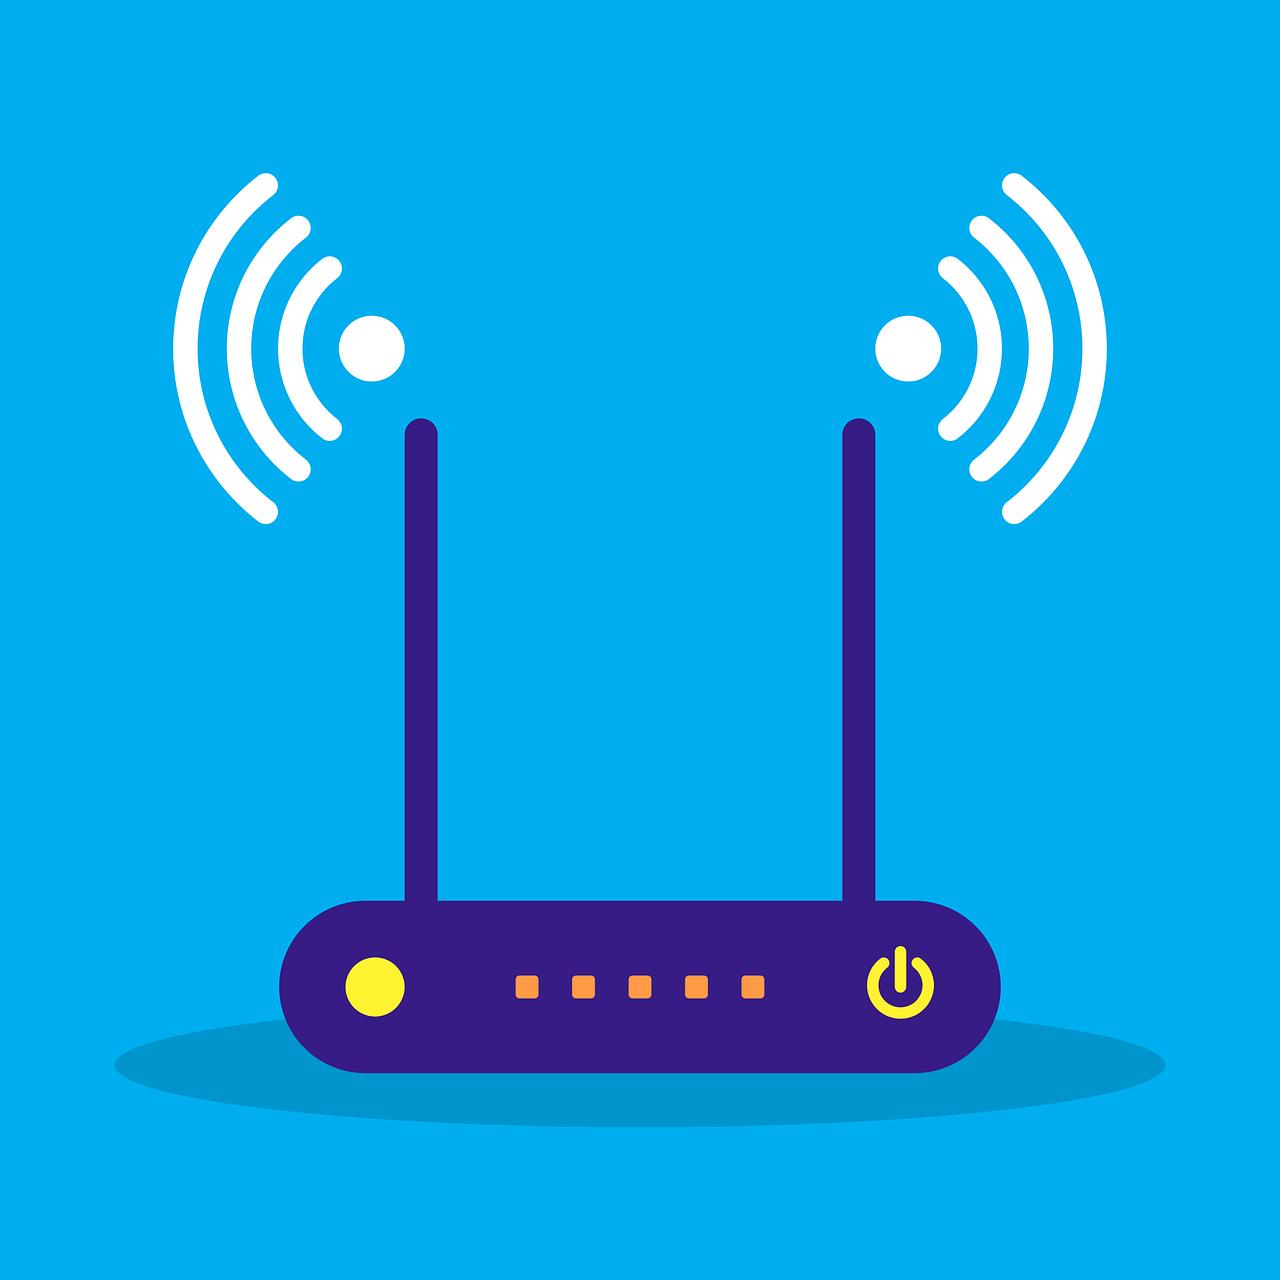 cara menampilkan kecepatan internet di android